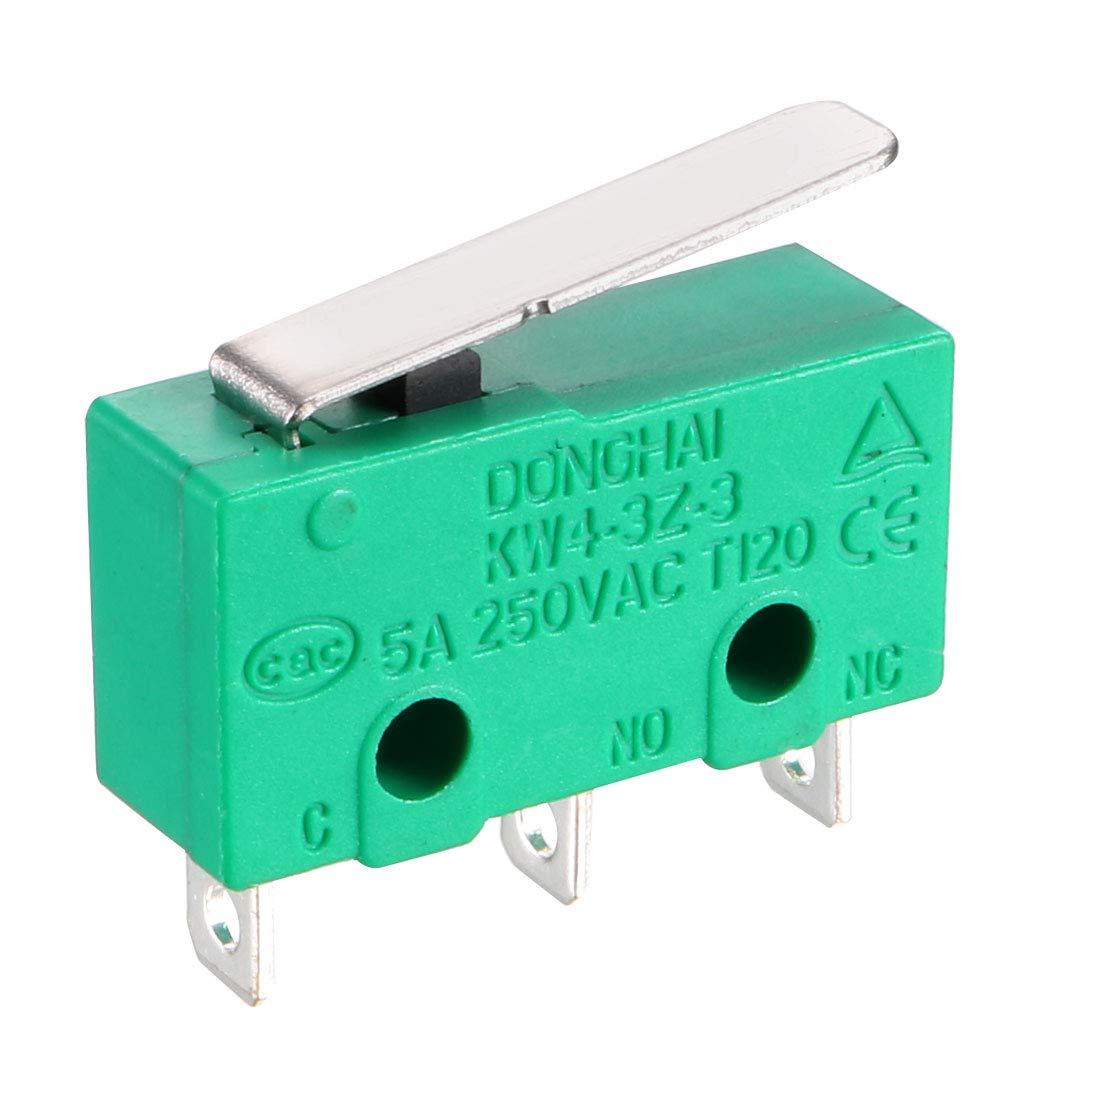 sourcing map 20Pcs KW4-3Z-3 Micro interrupteur momentan/é 3 borne levier droit court